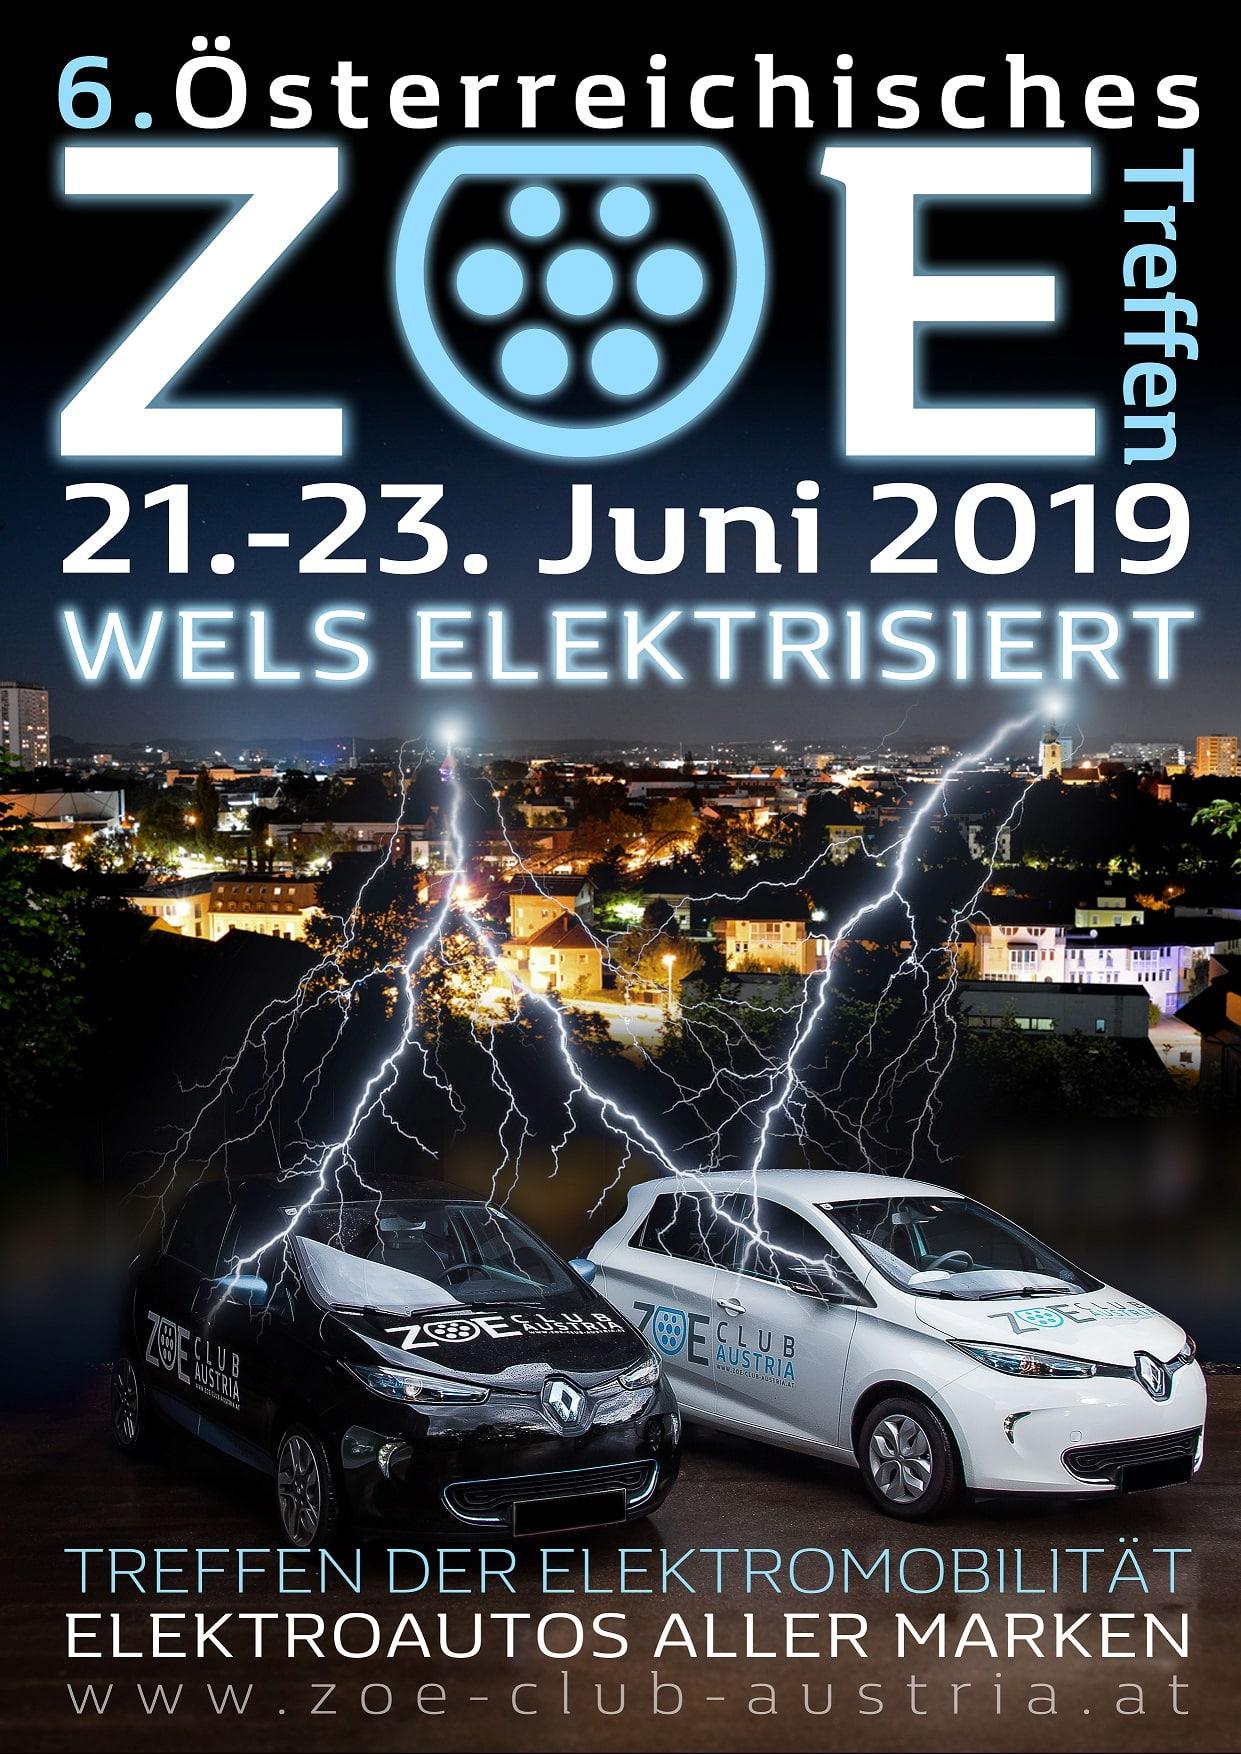 ZOE Treffen - WELS ELEKTRISIERT » Flyer ZOE Treffen